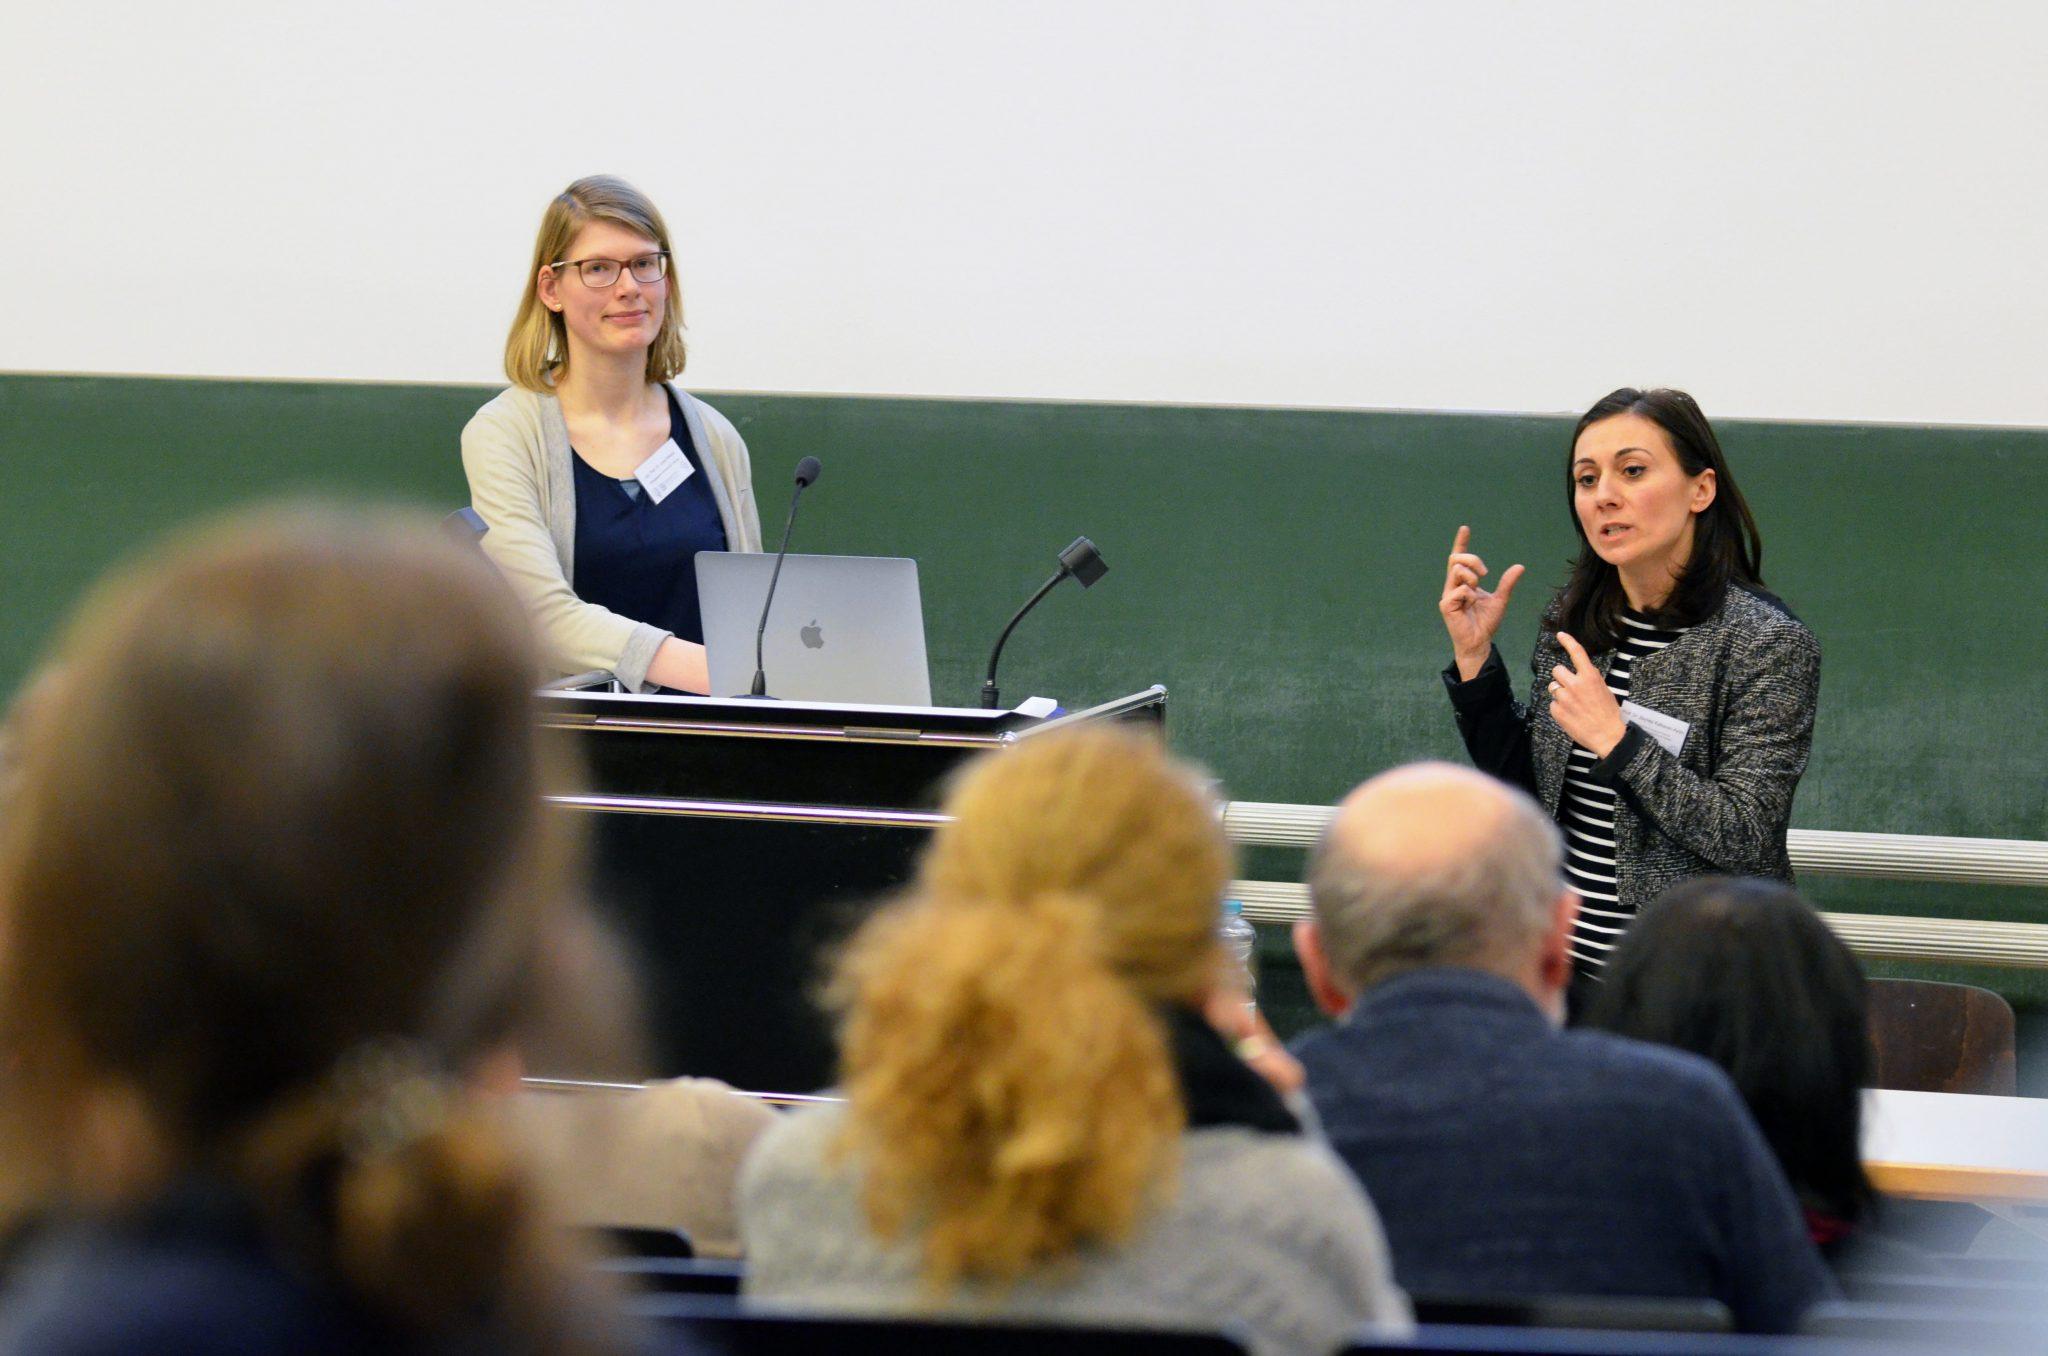 Die Vortragenden Juniorprofessorin Wessel und Professorin Kalkavan-Aydin